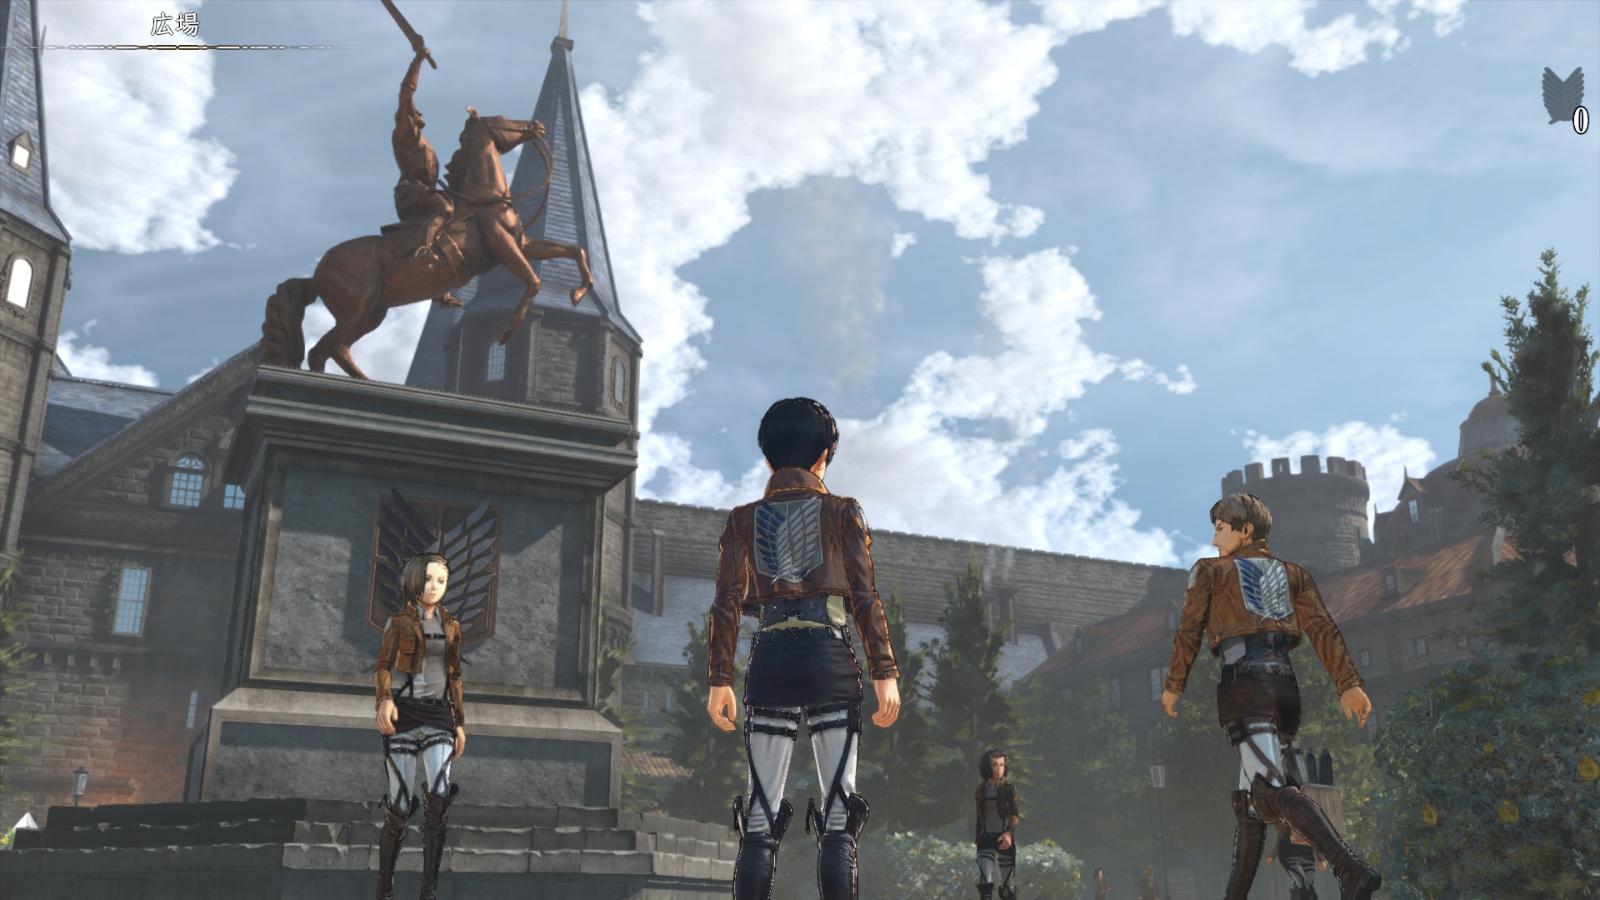 楽天ブックス 進撃の巨人2 Final Battle Ps4版 Ps4 ゲーム